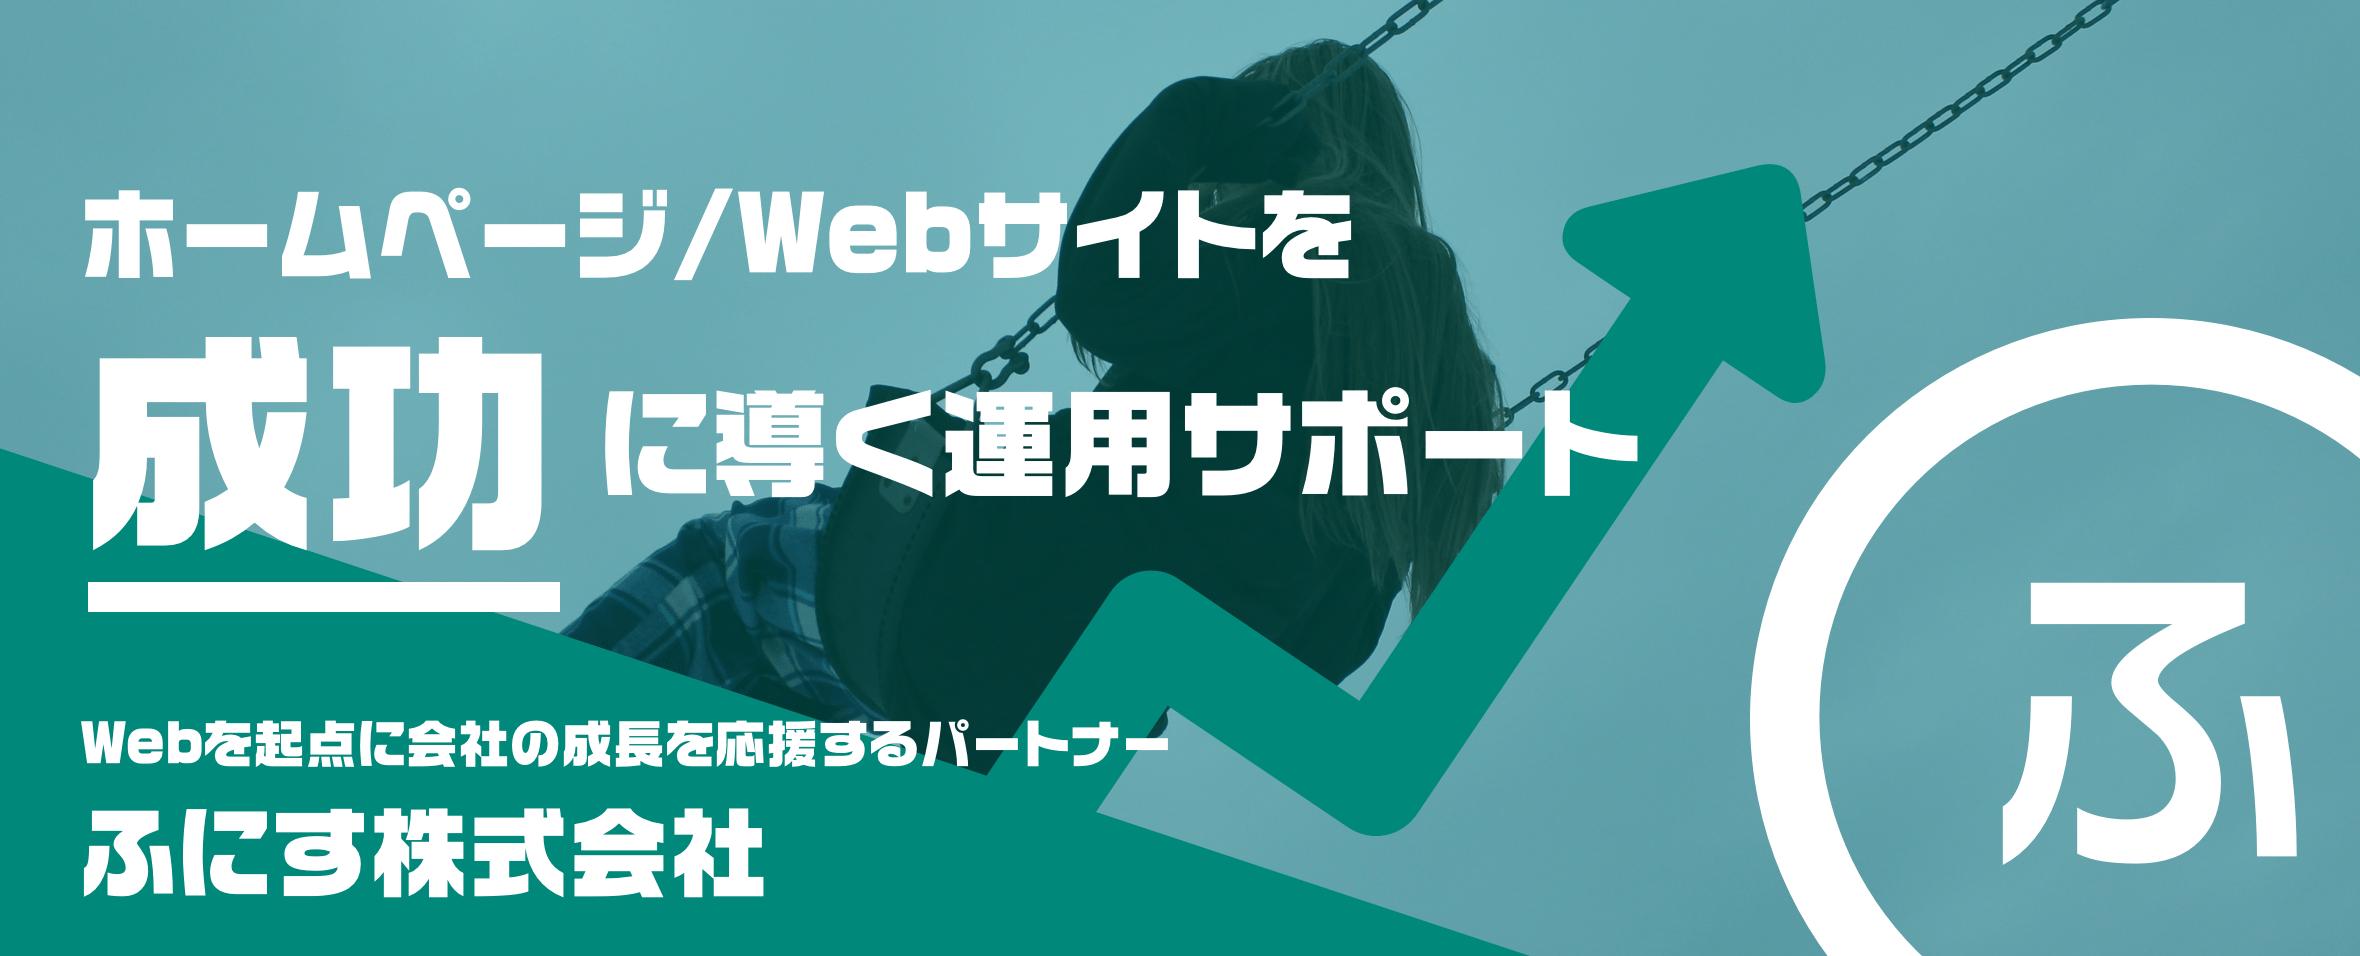 ホームページ/Webサイトを成功に導く運用サポート | ふにす株式会社